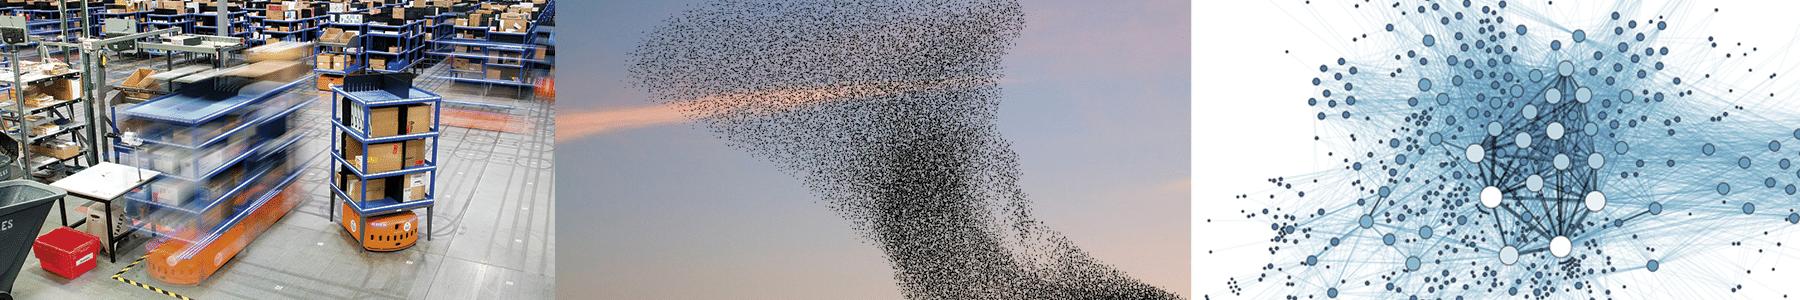 Exemplos de paradigma Swarm